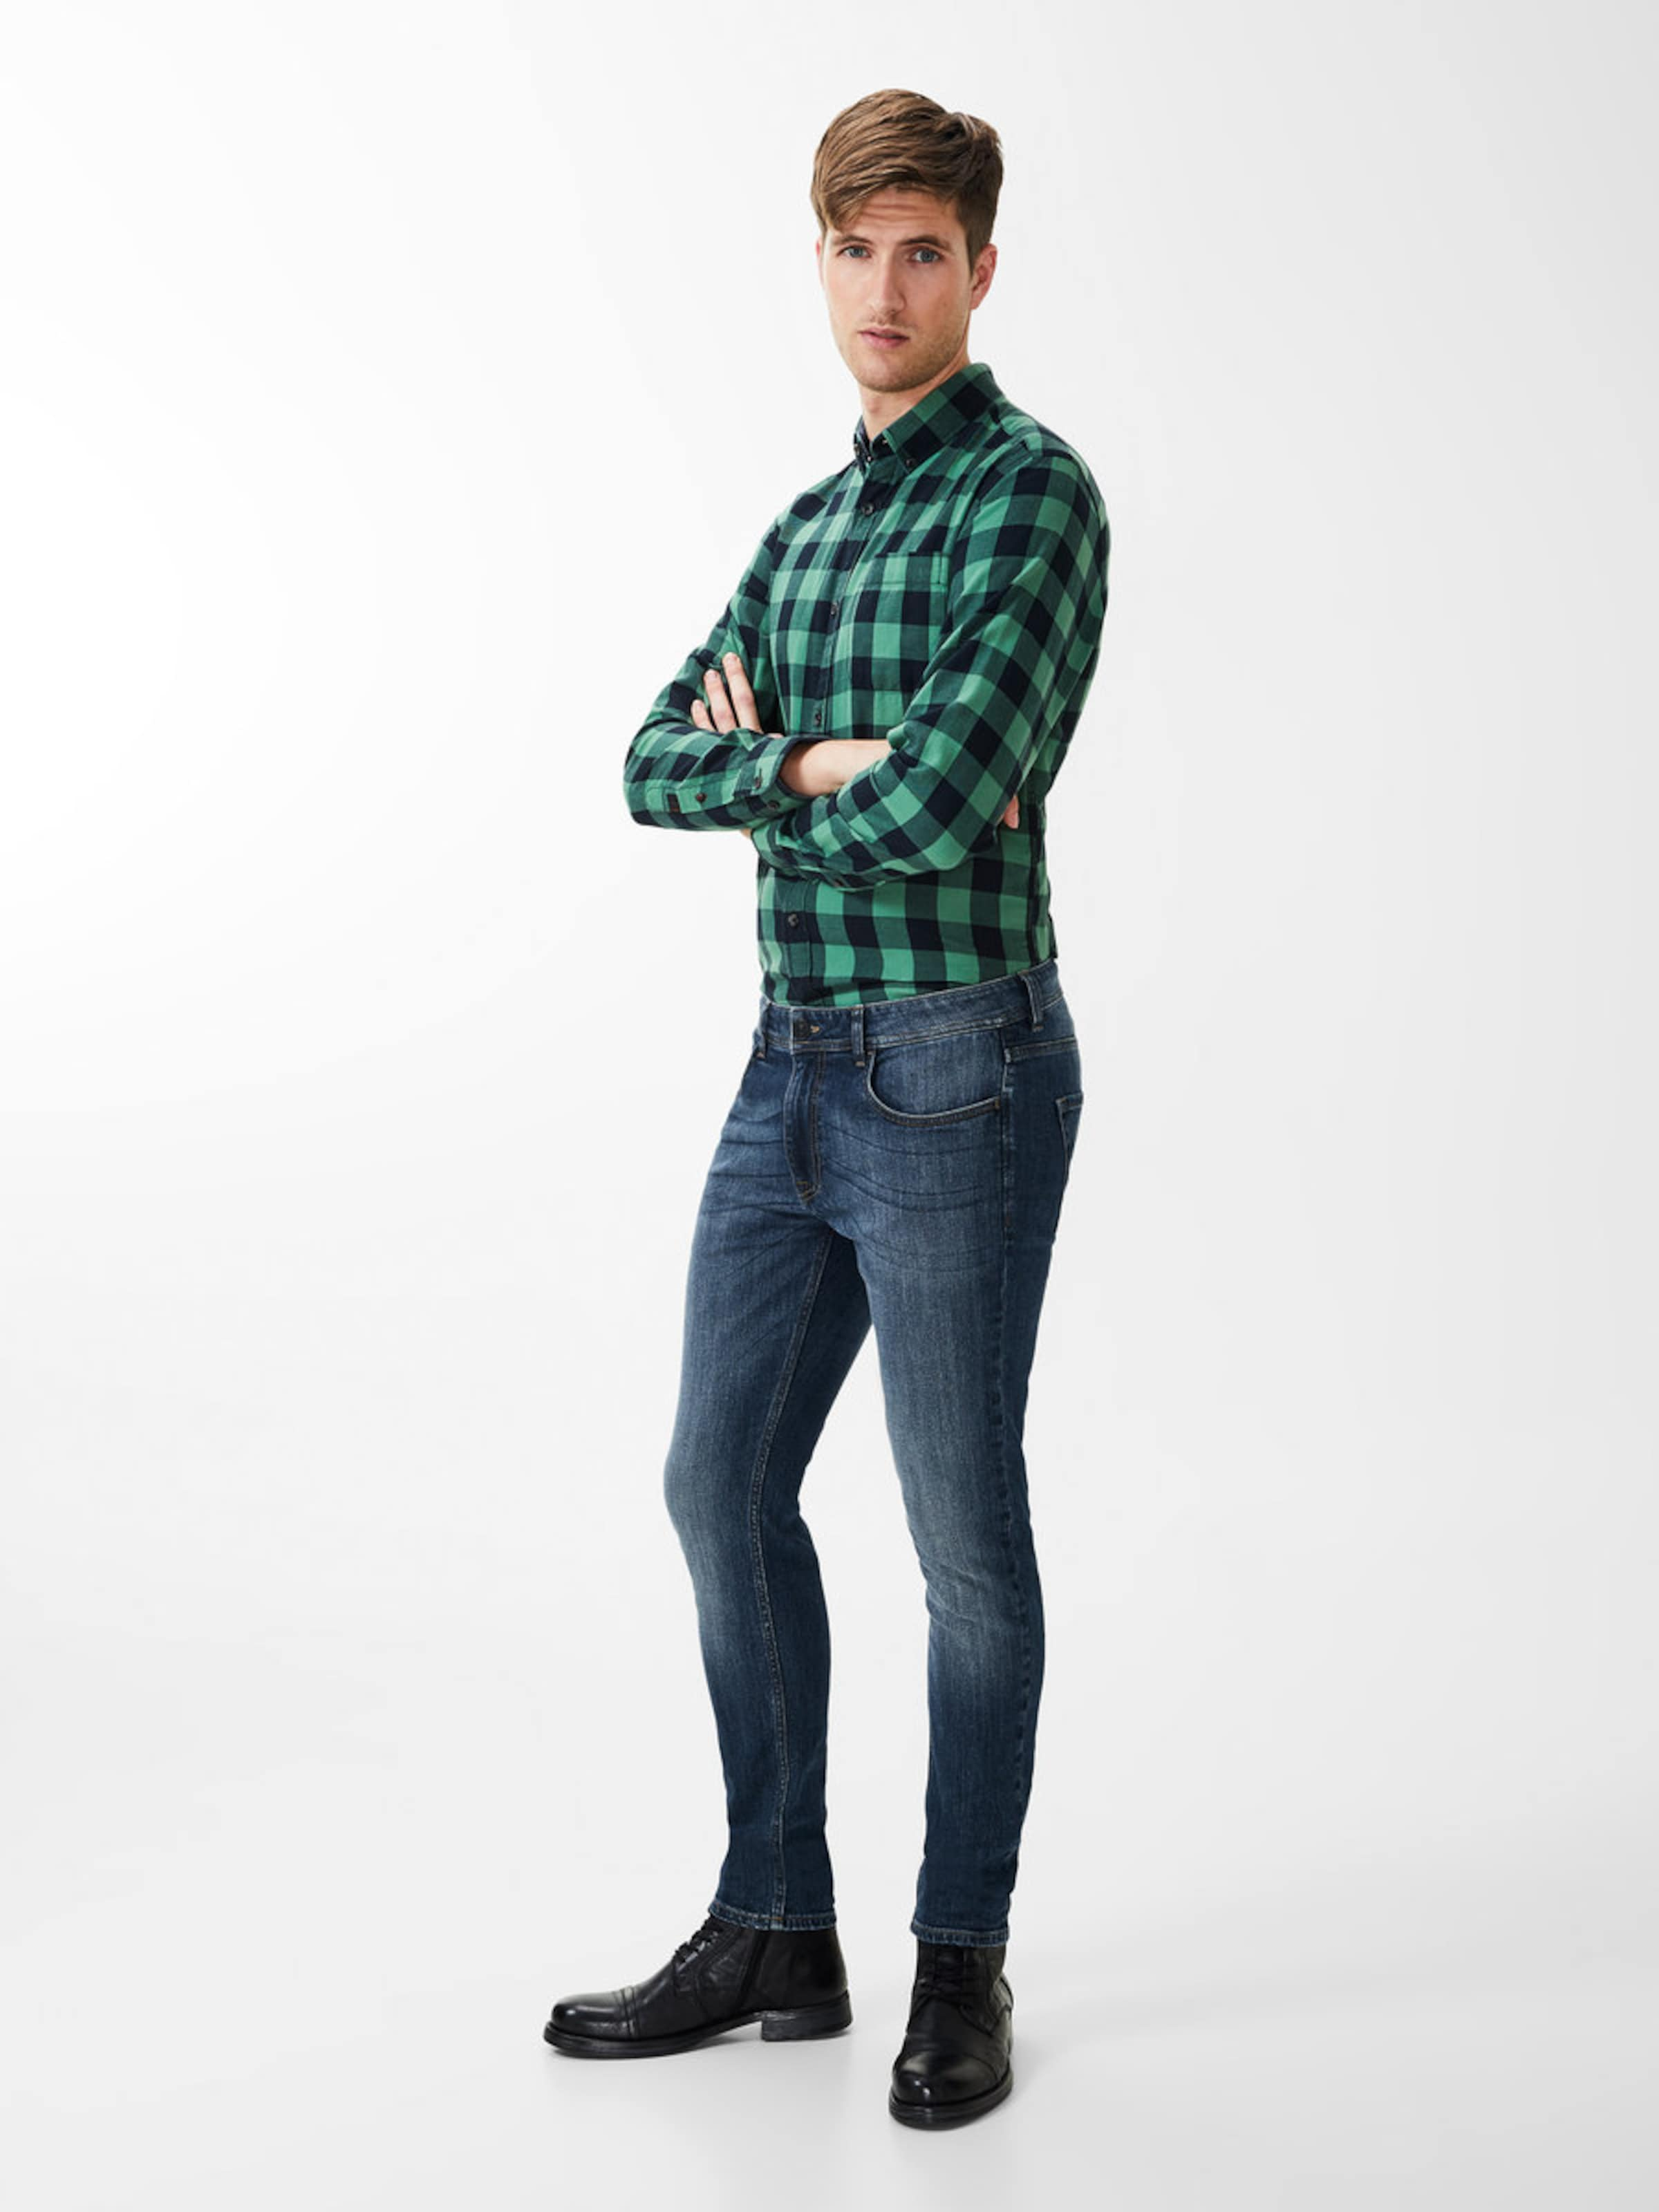 Produkt Skinny Fit Jeans Günstig Kaufen Neueste Erschwinglicher Günstiger Preis Wahl Online Besuchen Online-Verkauf Neu Günstig Kaufen Bequem kUFSUhTt